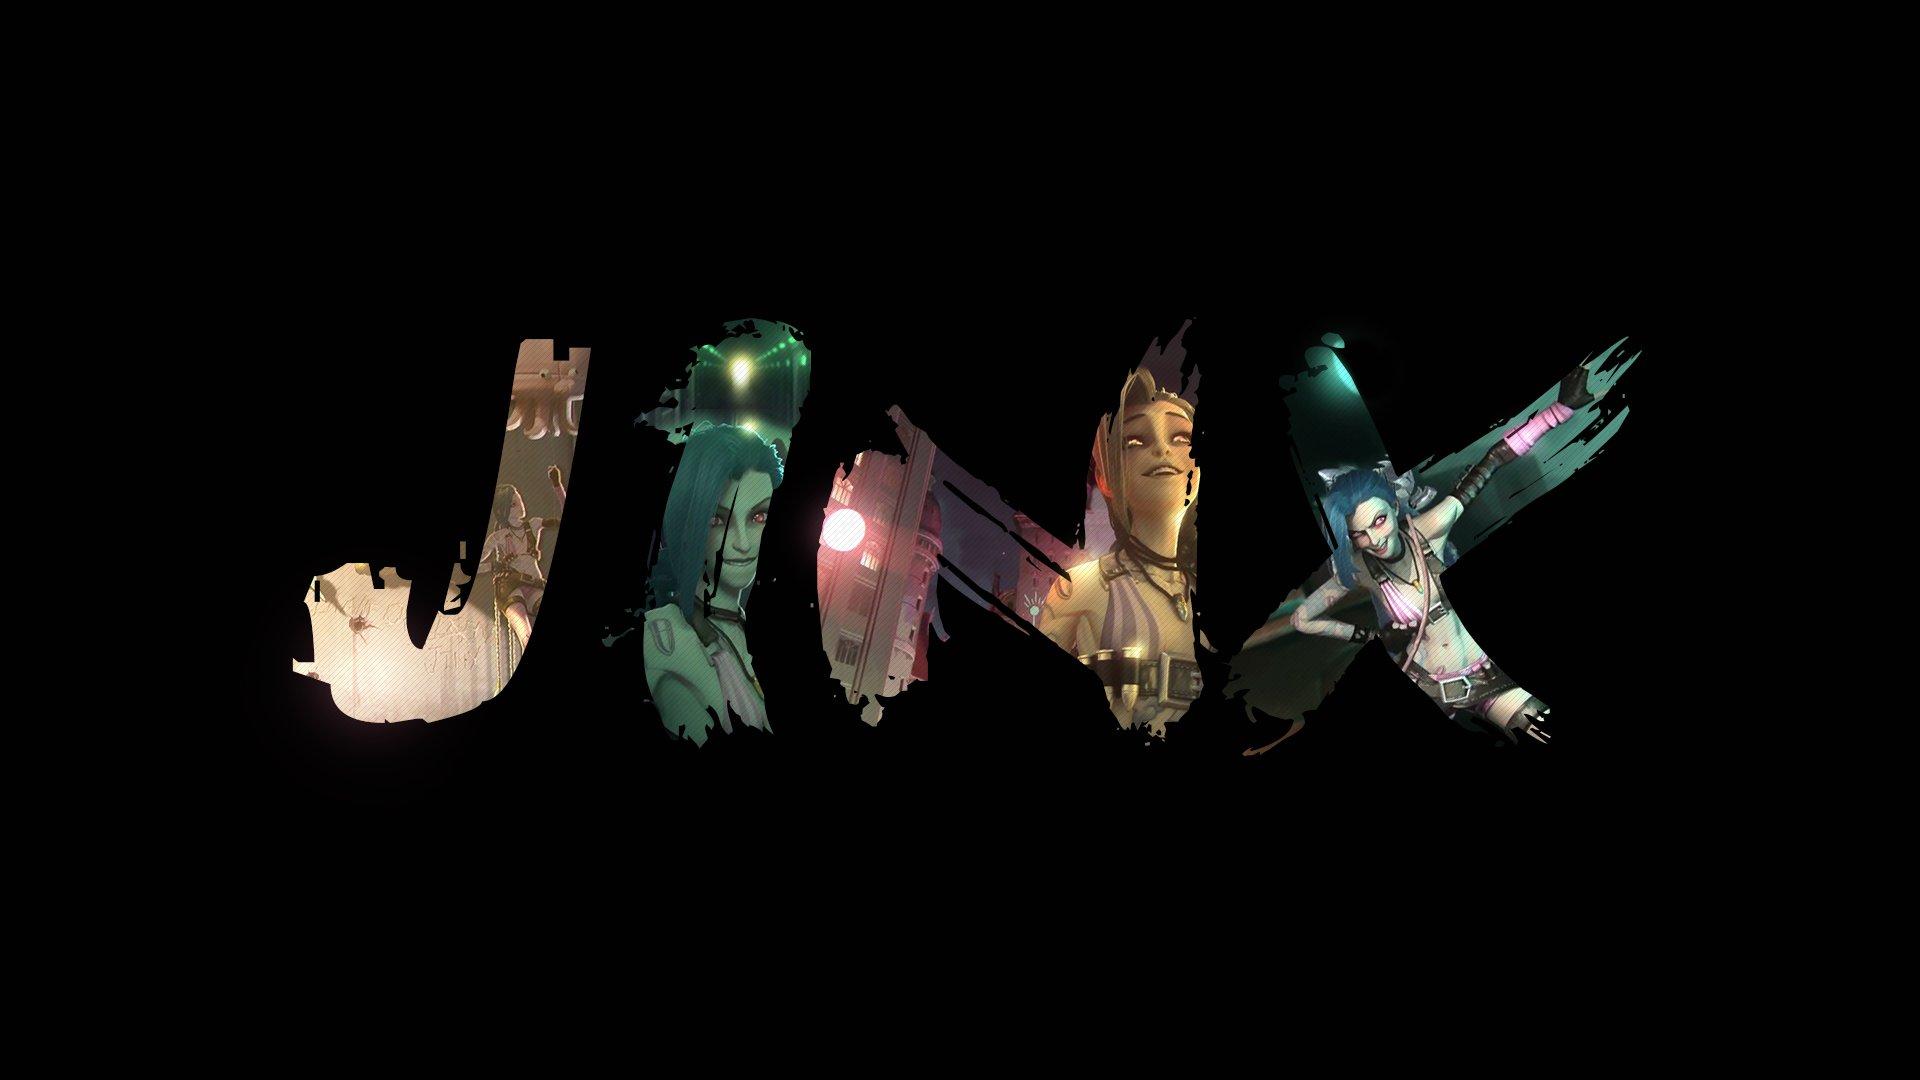 League of Legends Jinx wallpaper 1920x1080 621682 WallpaperUP 1920x1080